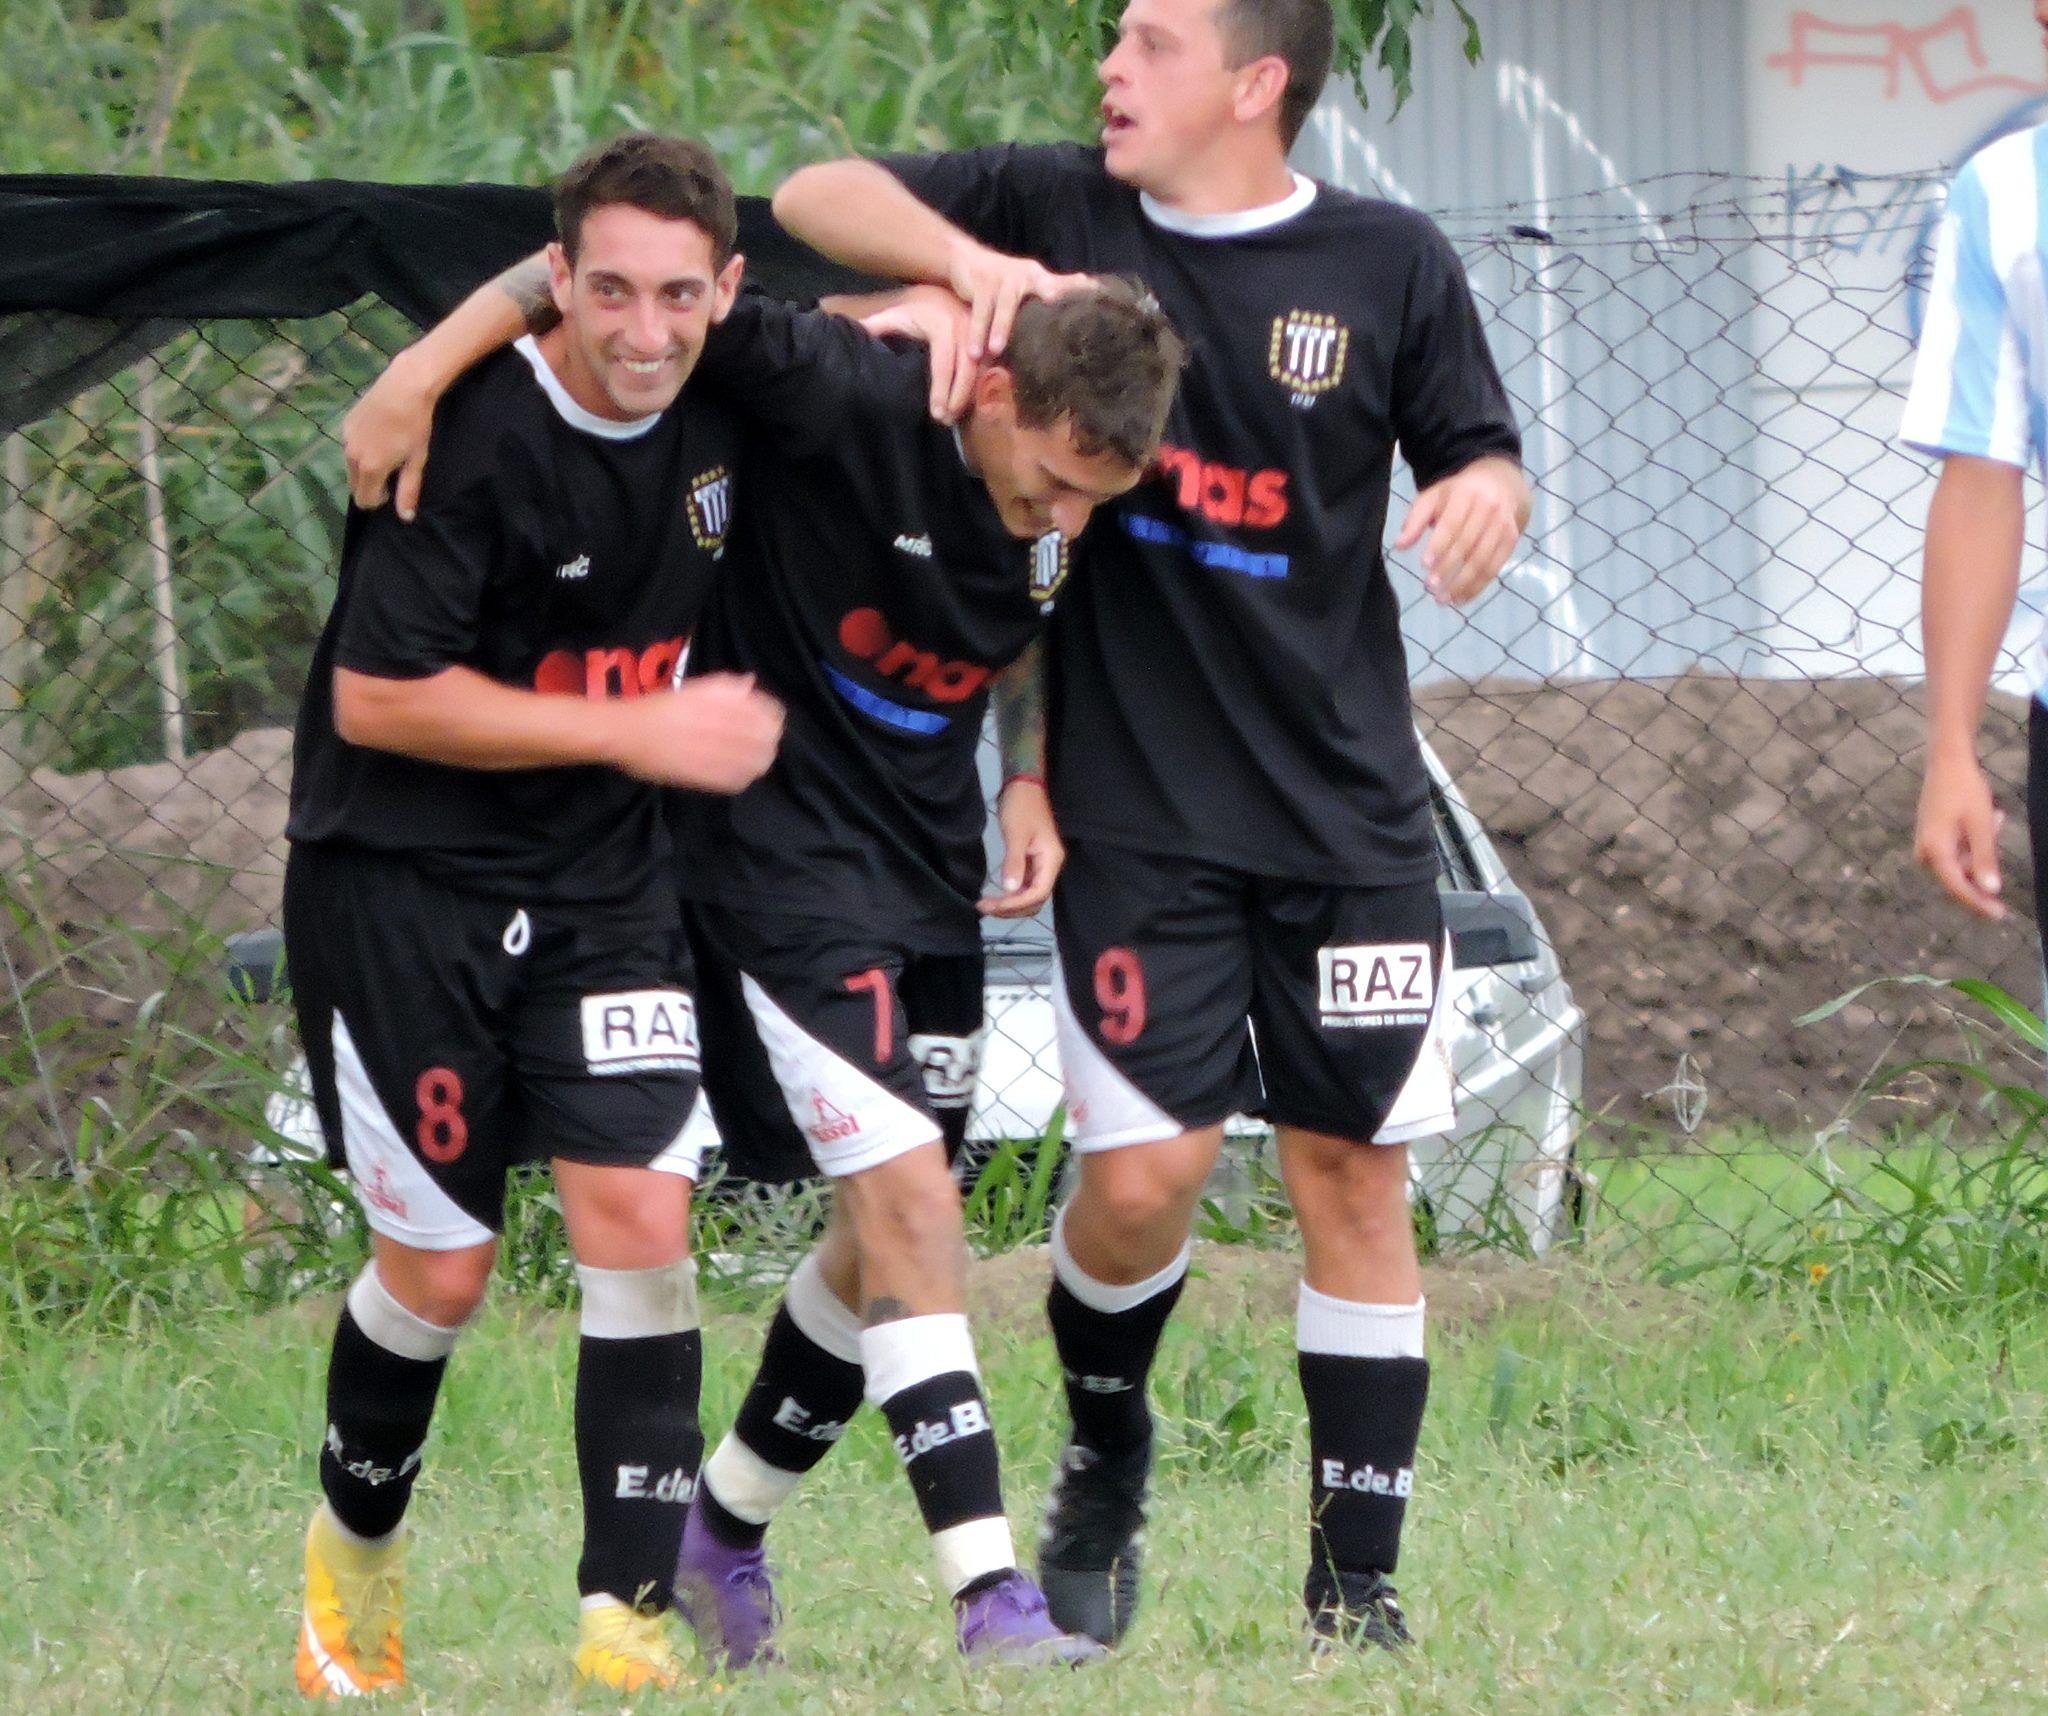 Se jugó la primera fecha del Apertura liguista 2017 donde el equipo albinegro se dio el gusto de volver al buen fútbol con un rotundo triunfo para comenzar el torneo con el pie derecho.